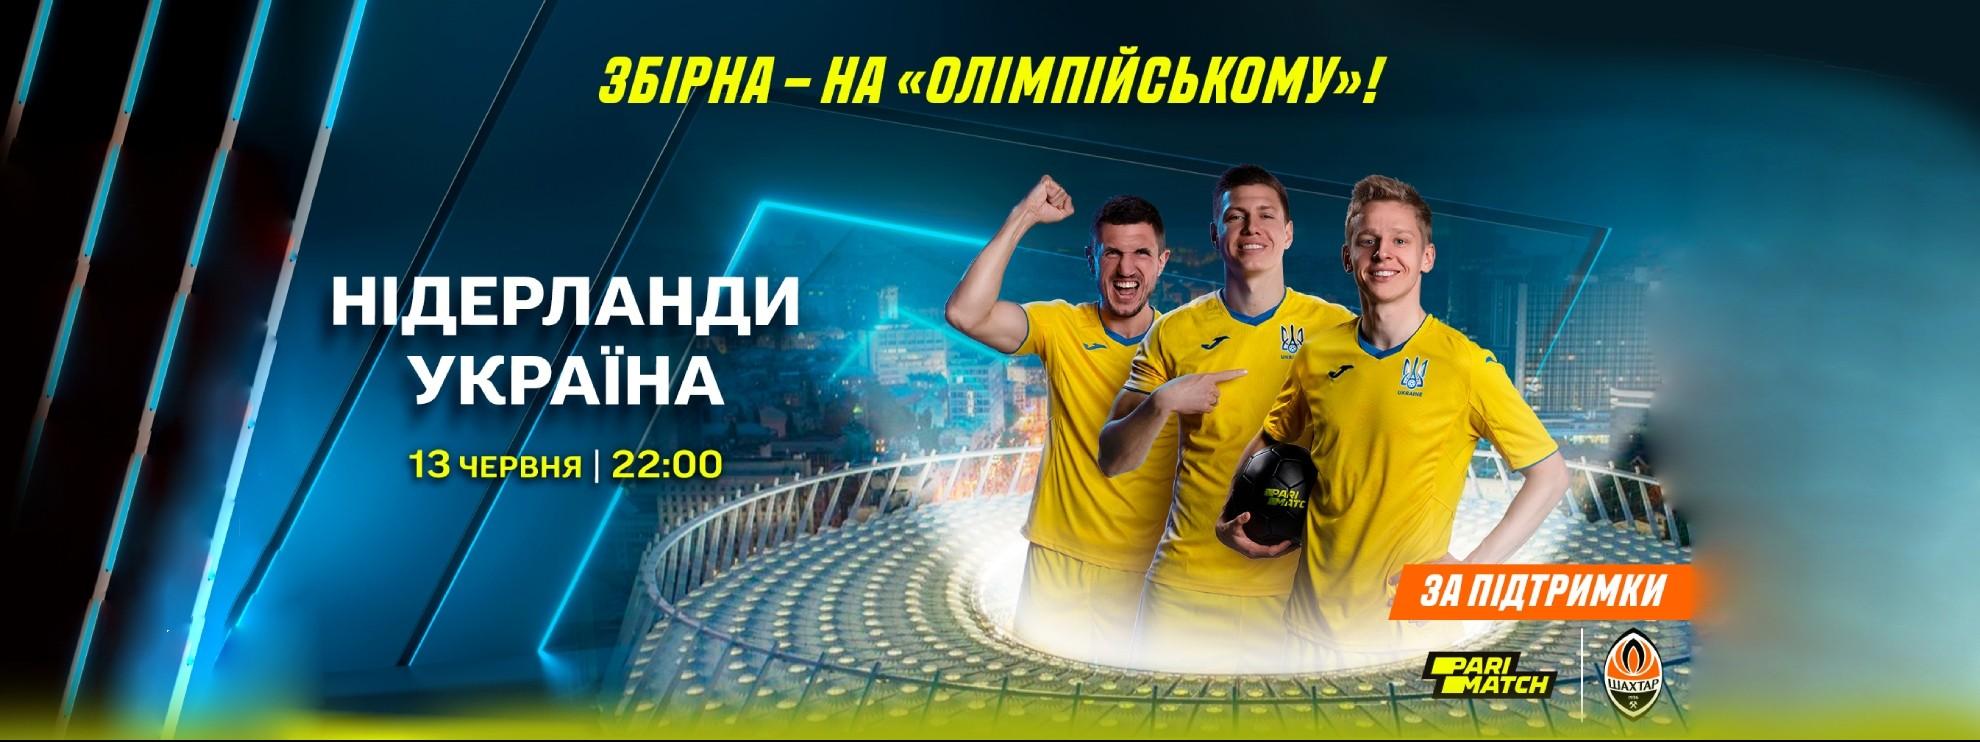 подія Збірна на «Олімпійському»! Великий футбол на великому екрані